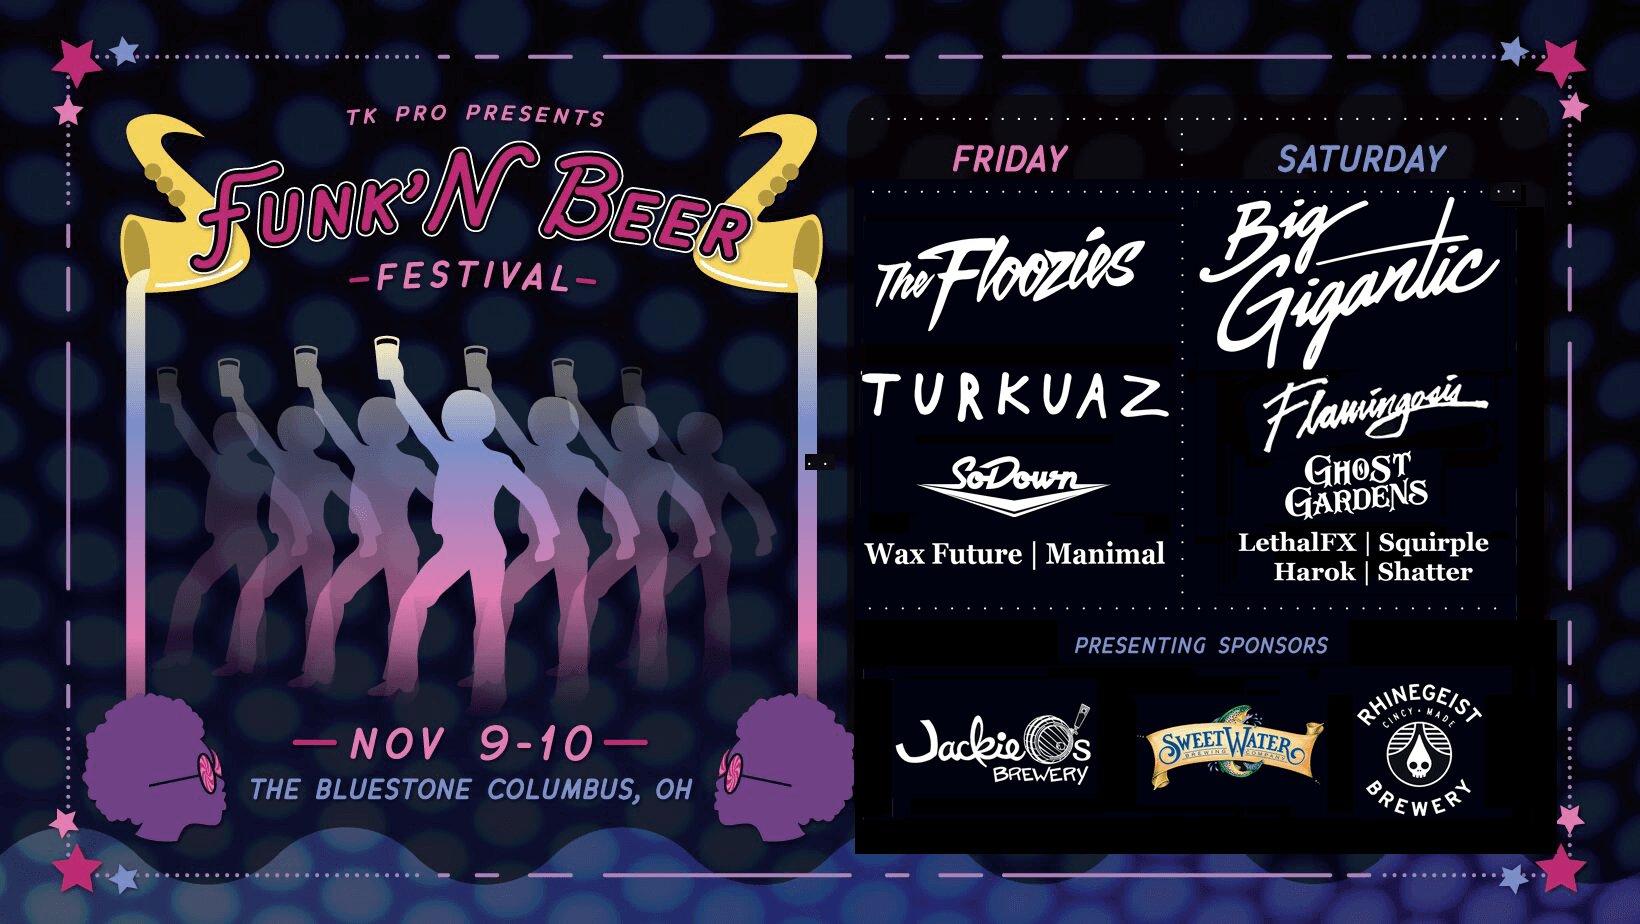 REDDIT FESTIVAL NEWS Funk'N Beer Fest in Columbus Ohio